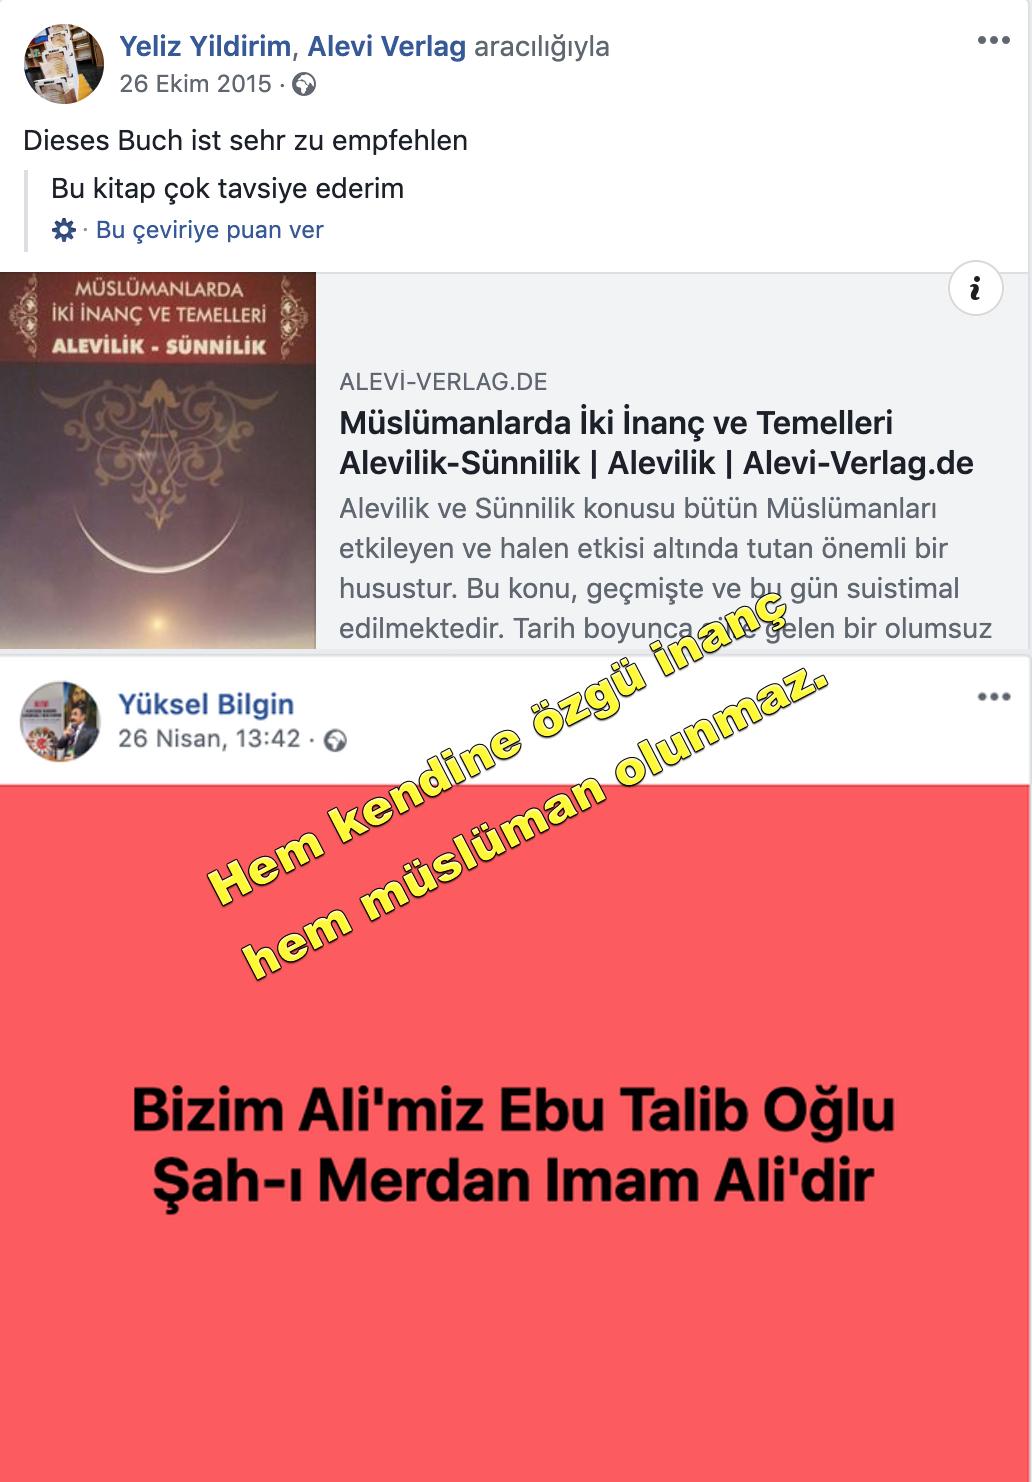 9 Avusturya Alevi islamcı Aleviler  DAB devrimci Aleviler Birliği hem müslüman hem alevi